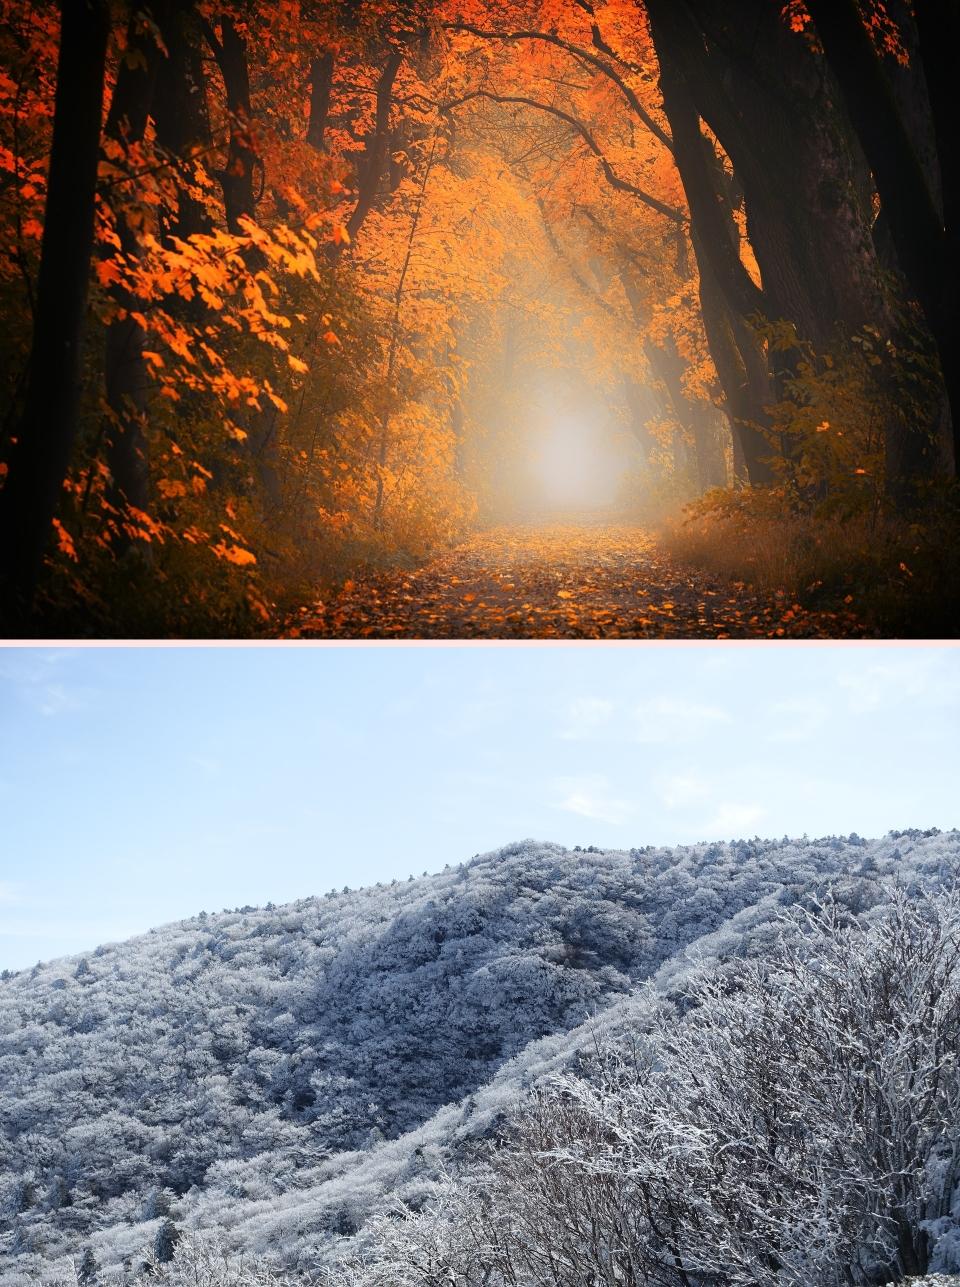 가을, 겨울여행 나만의 추억을 만들어 오랫동안 간직해 보면 어떨까요? (사진=픽사베이)